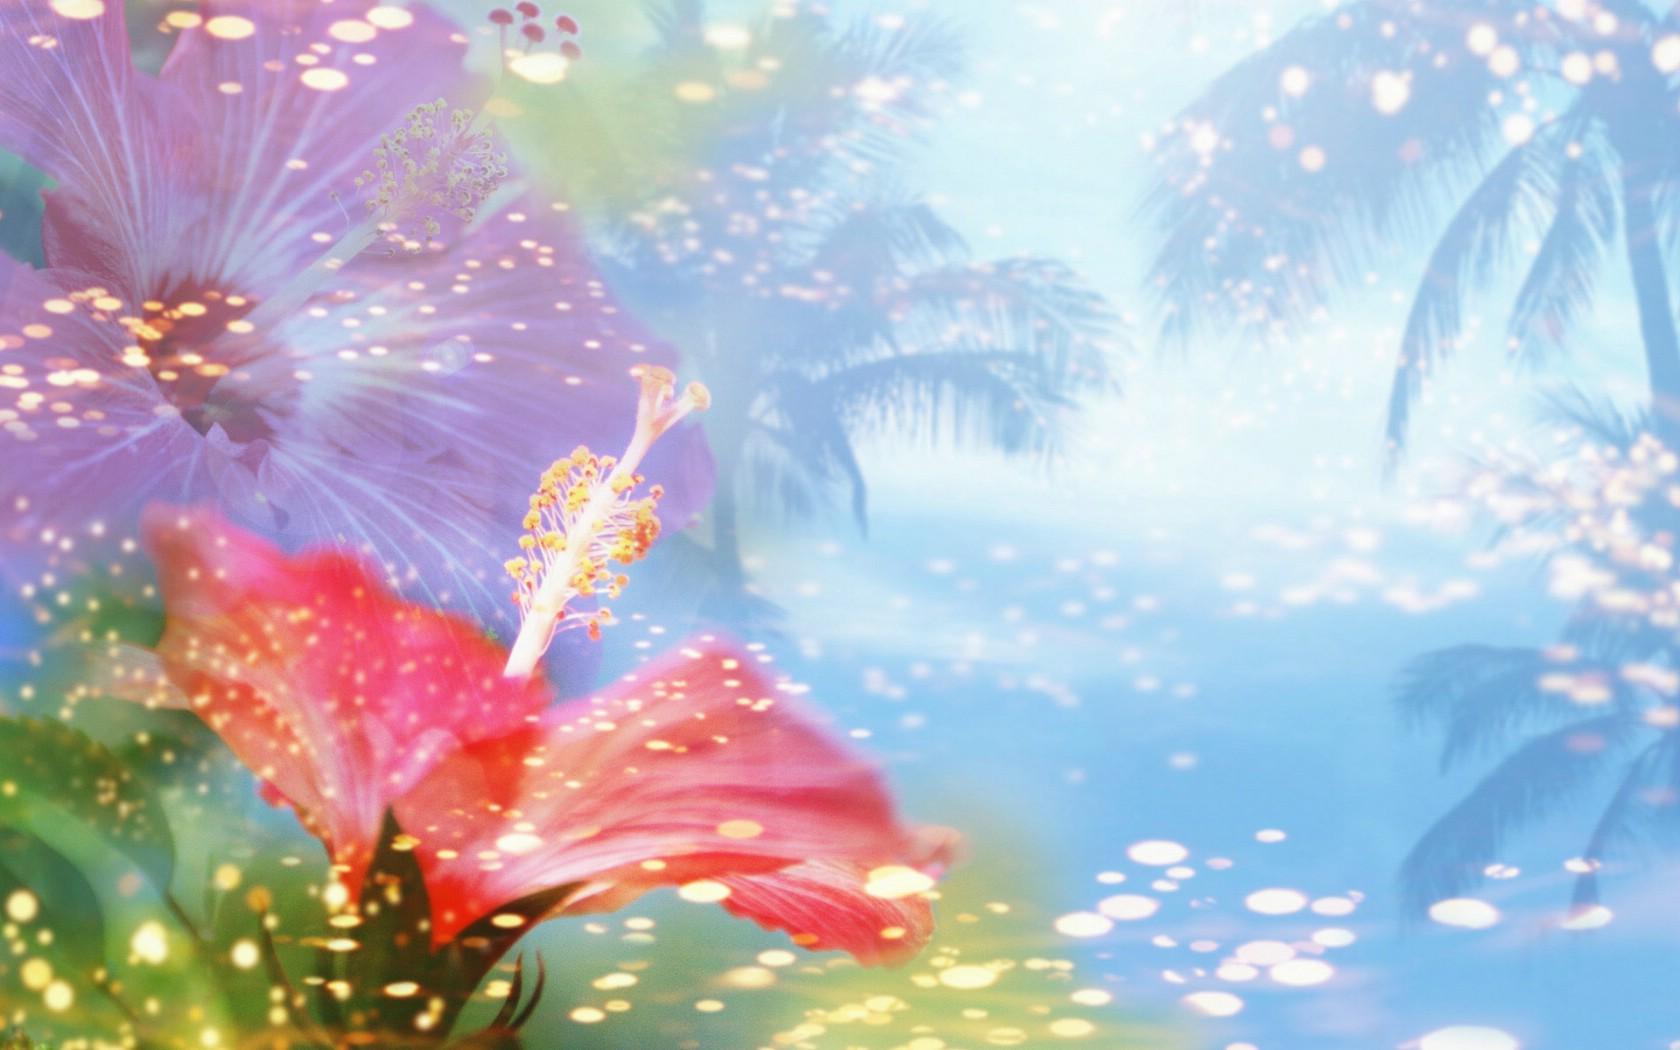 壁纸1680×1050朦胧花朵柔美 宽屏壁纸 壁纸4壁纸 朦胧花朵柔美 宽屏壁壁纸图片系统壁纸系统图片素材桌面壁纸